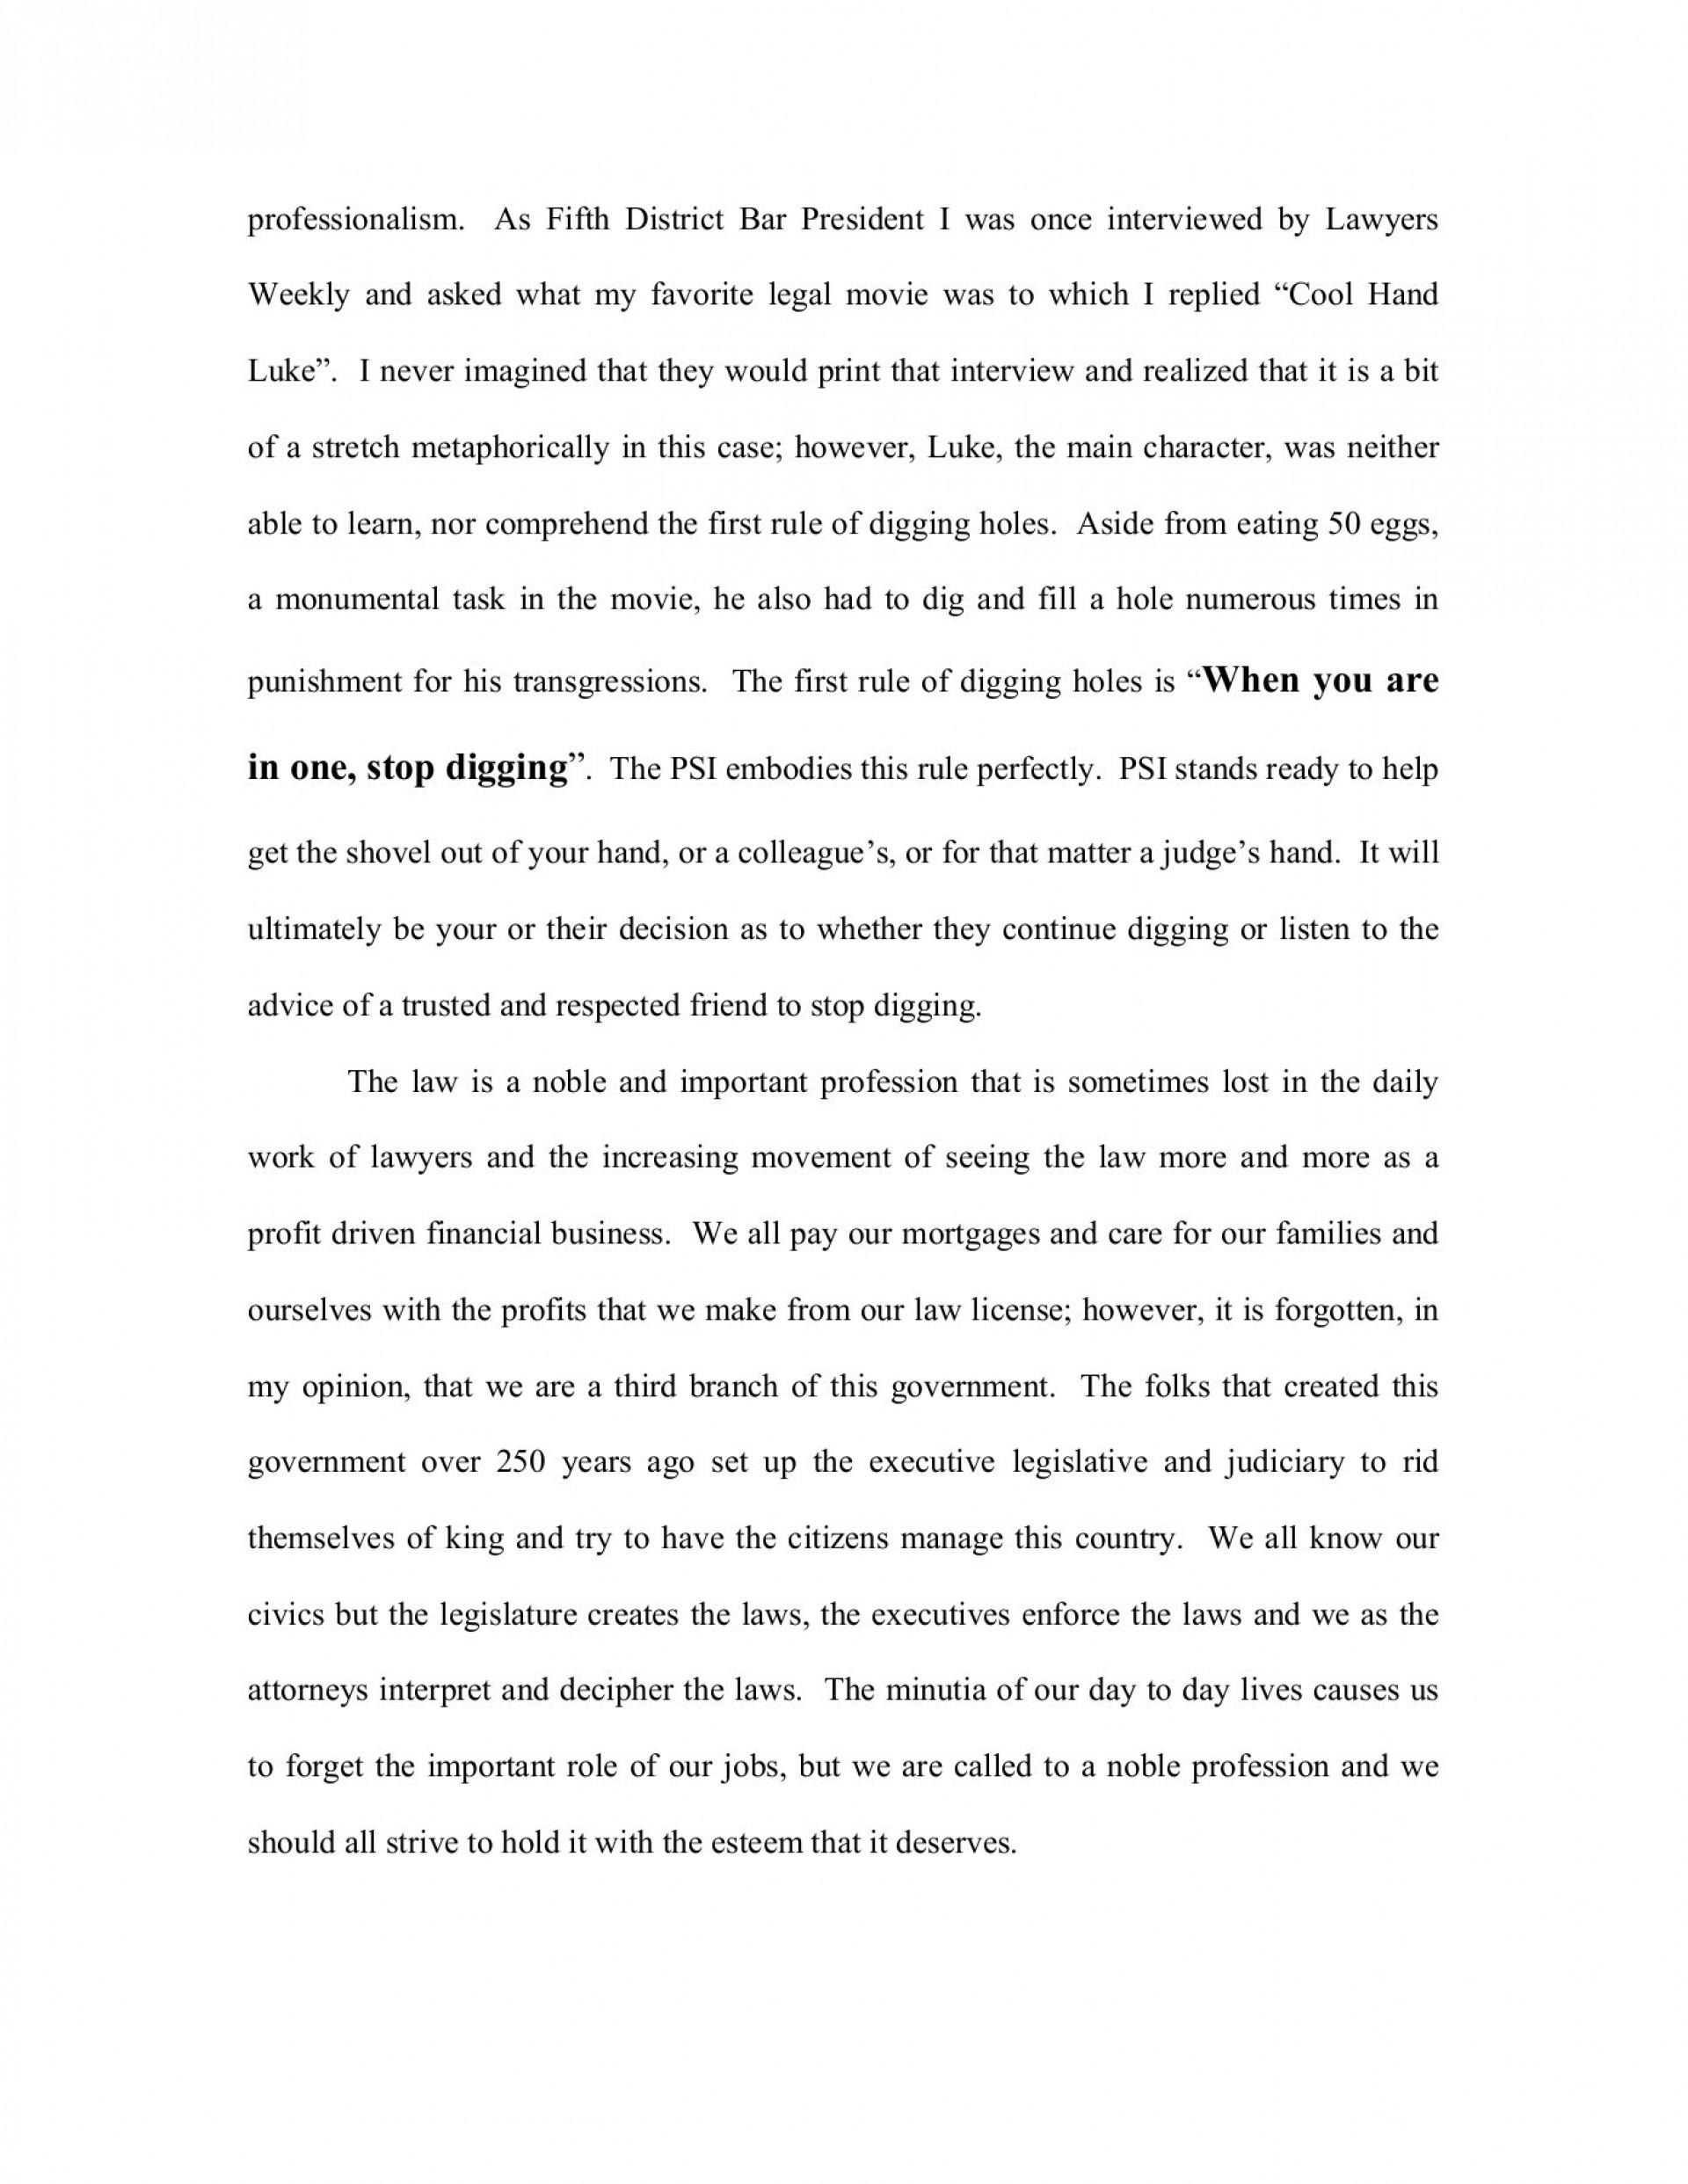 020 Professionalism Essay Sensational Pdf Conclusion Teacher 1920